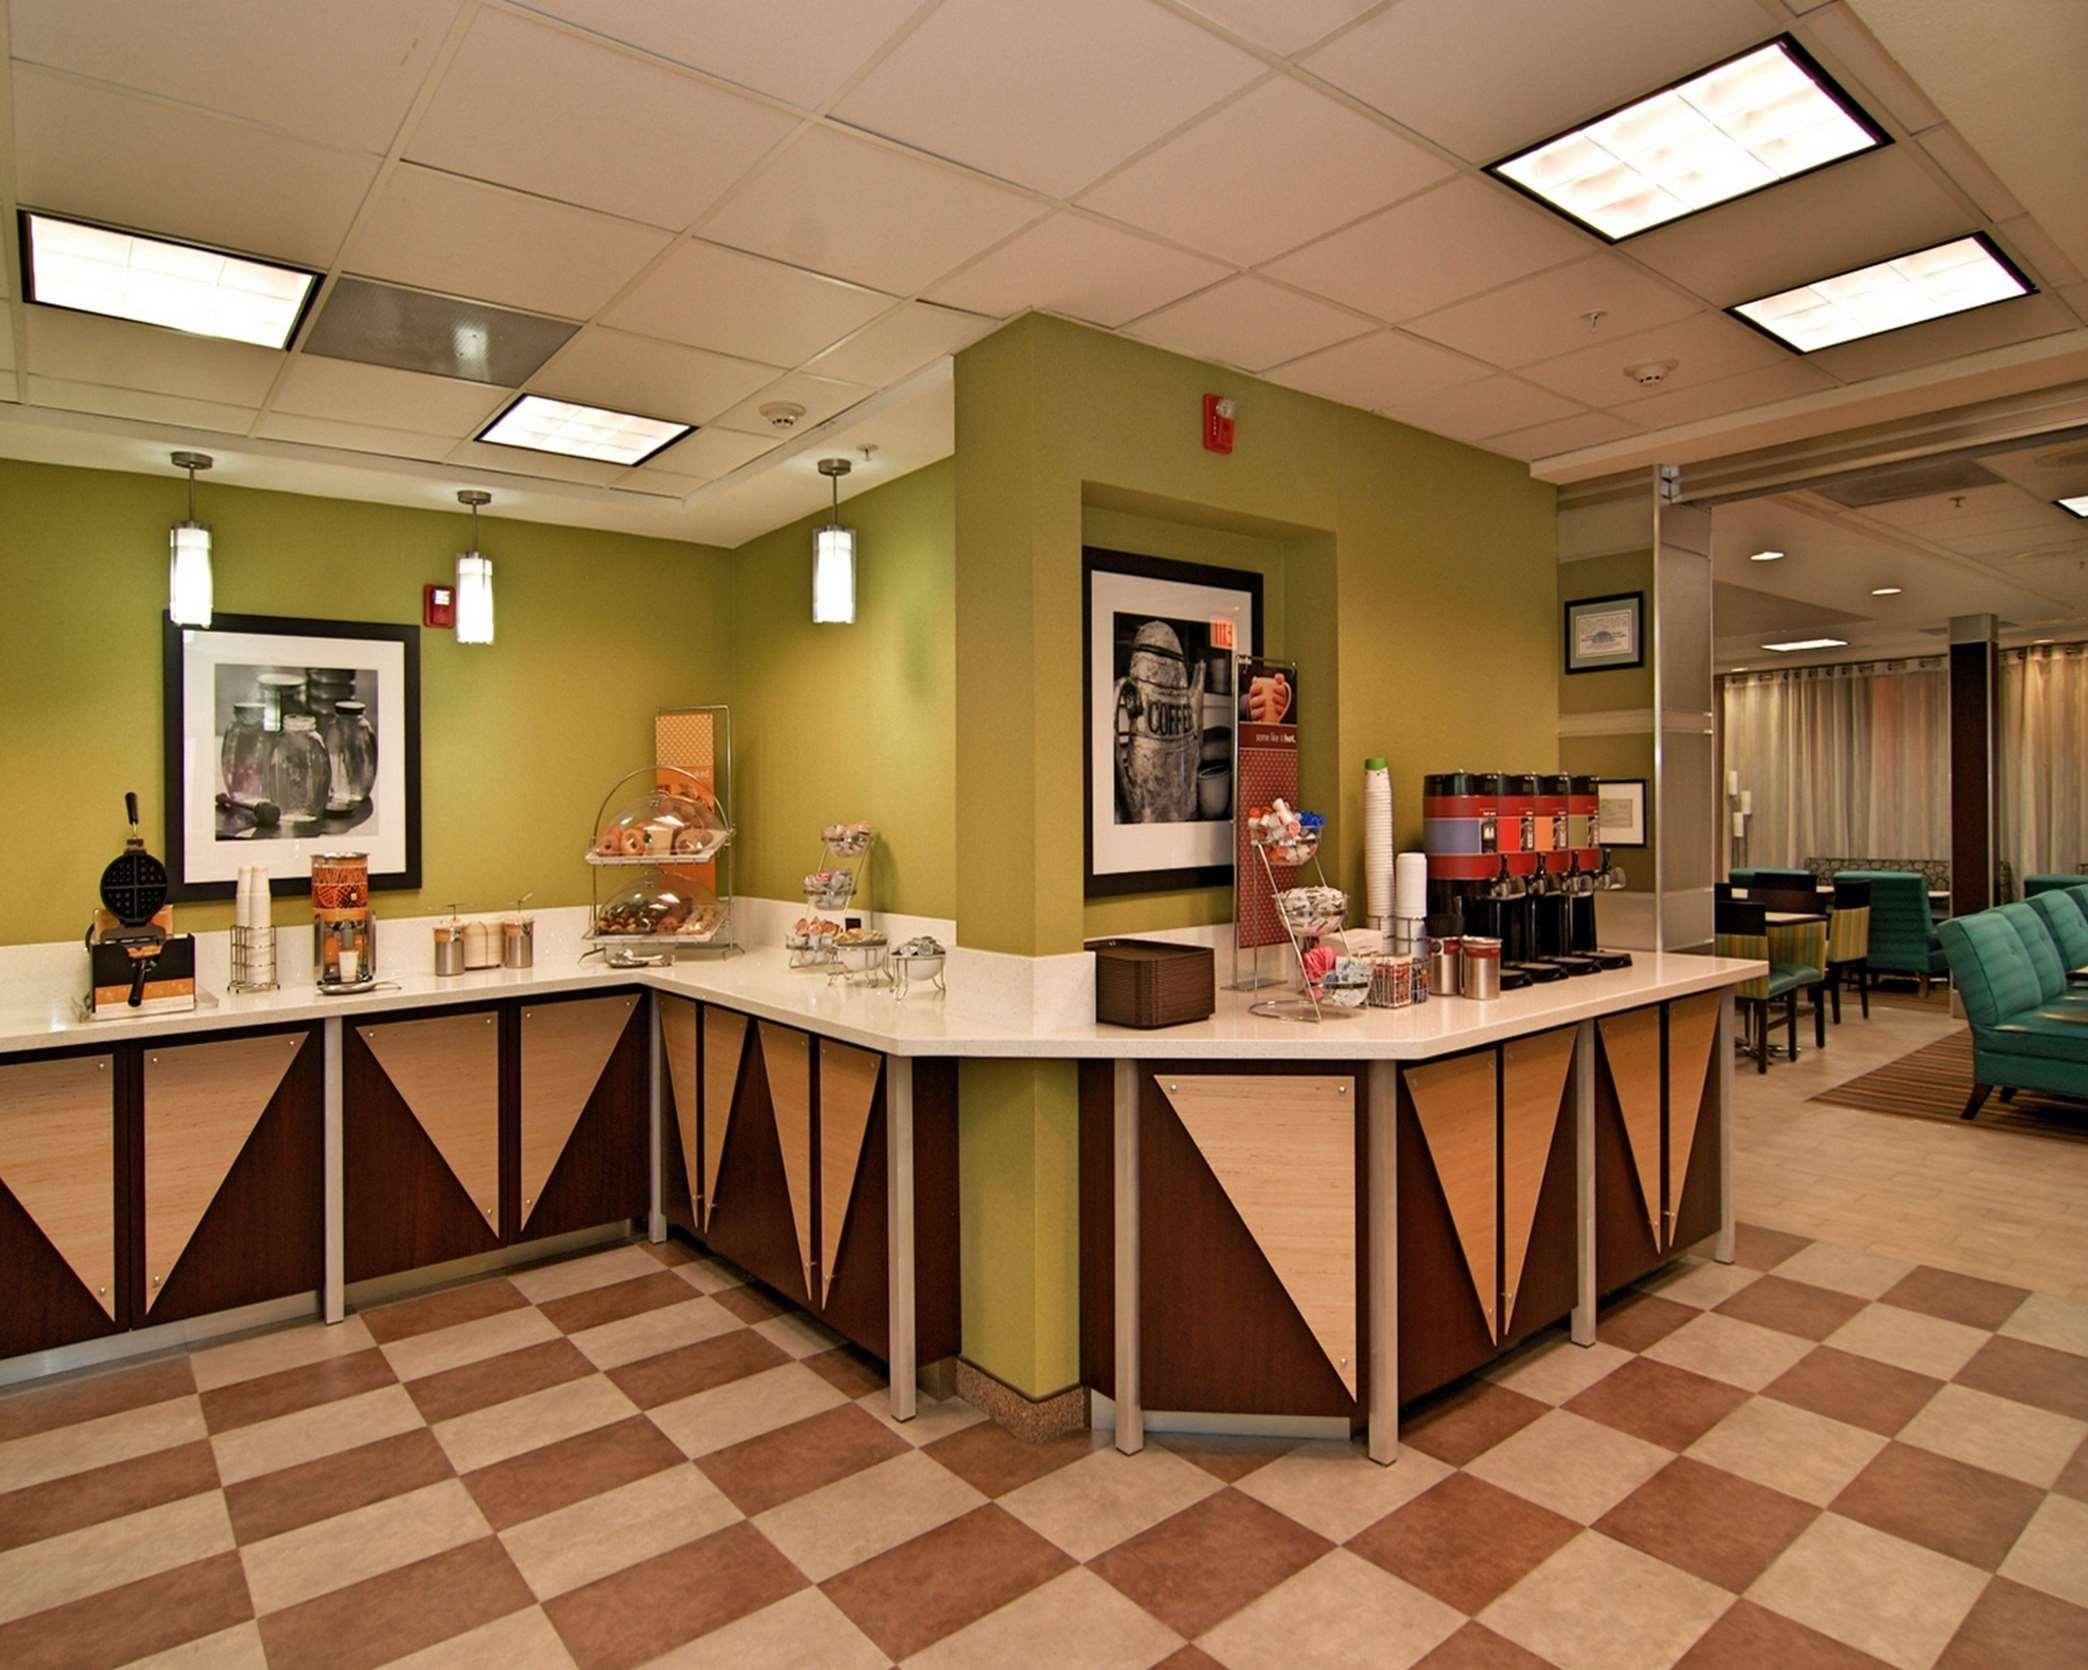 Hampton Inn & Suites Mountain View image 6